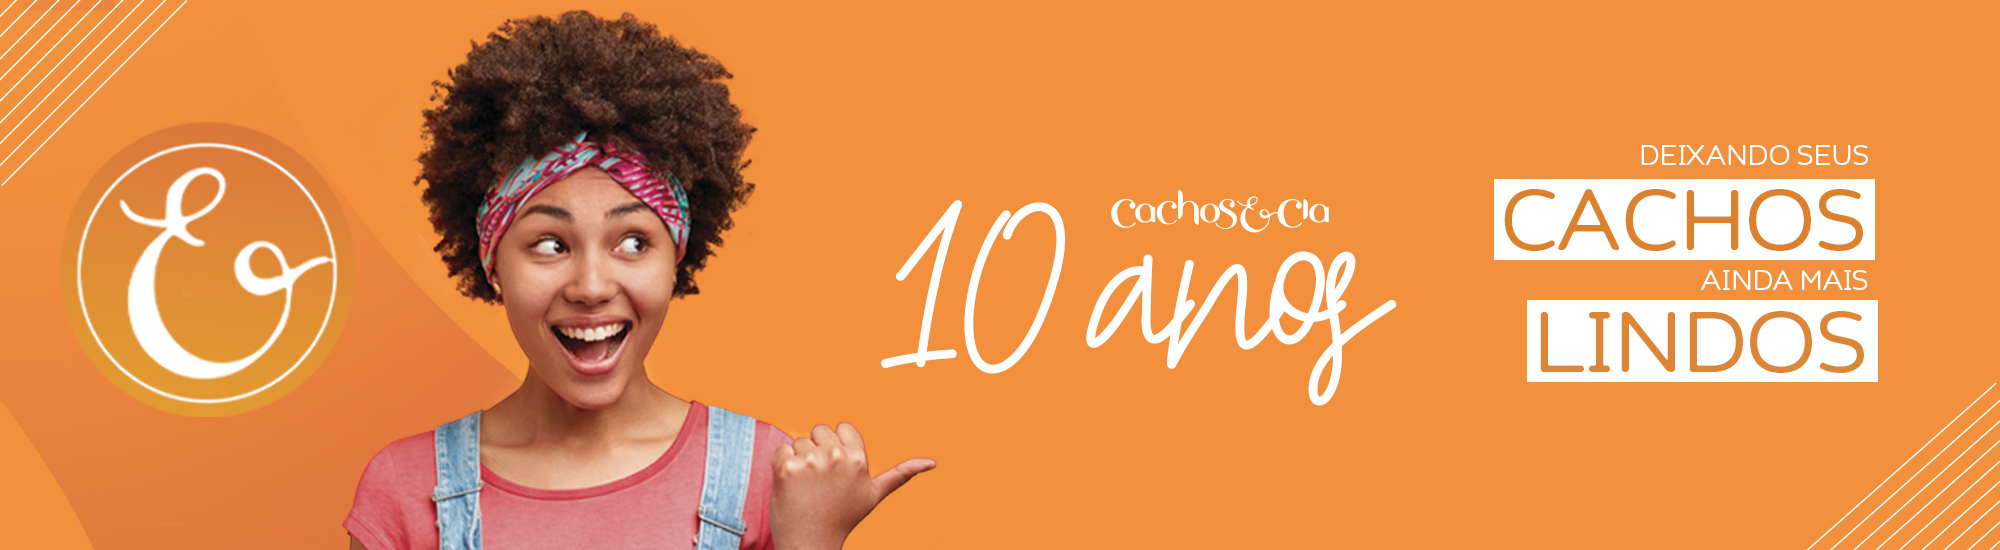 aproveite nossas promoções de aniversário!!! 10 anos cachos & cia